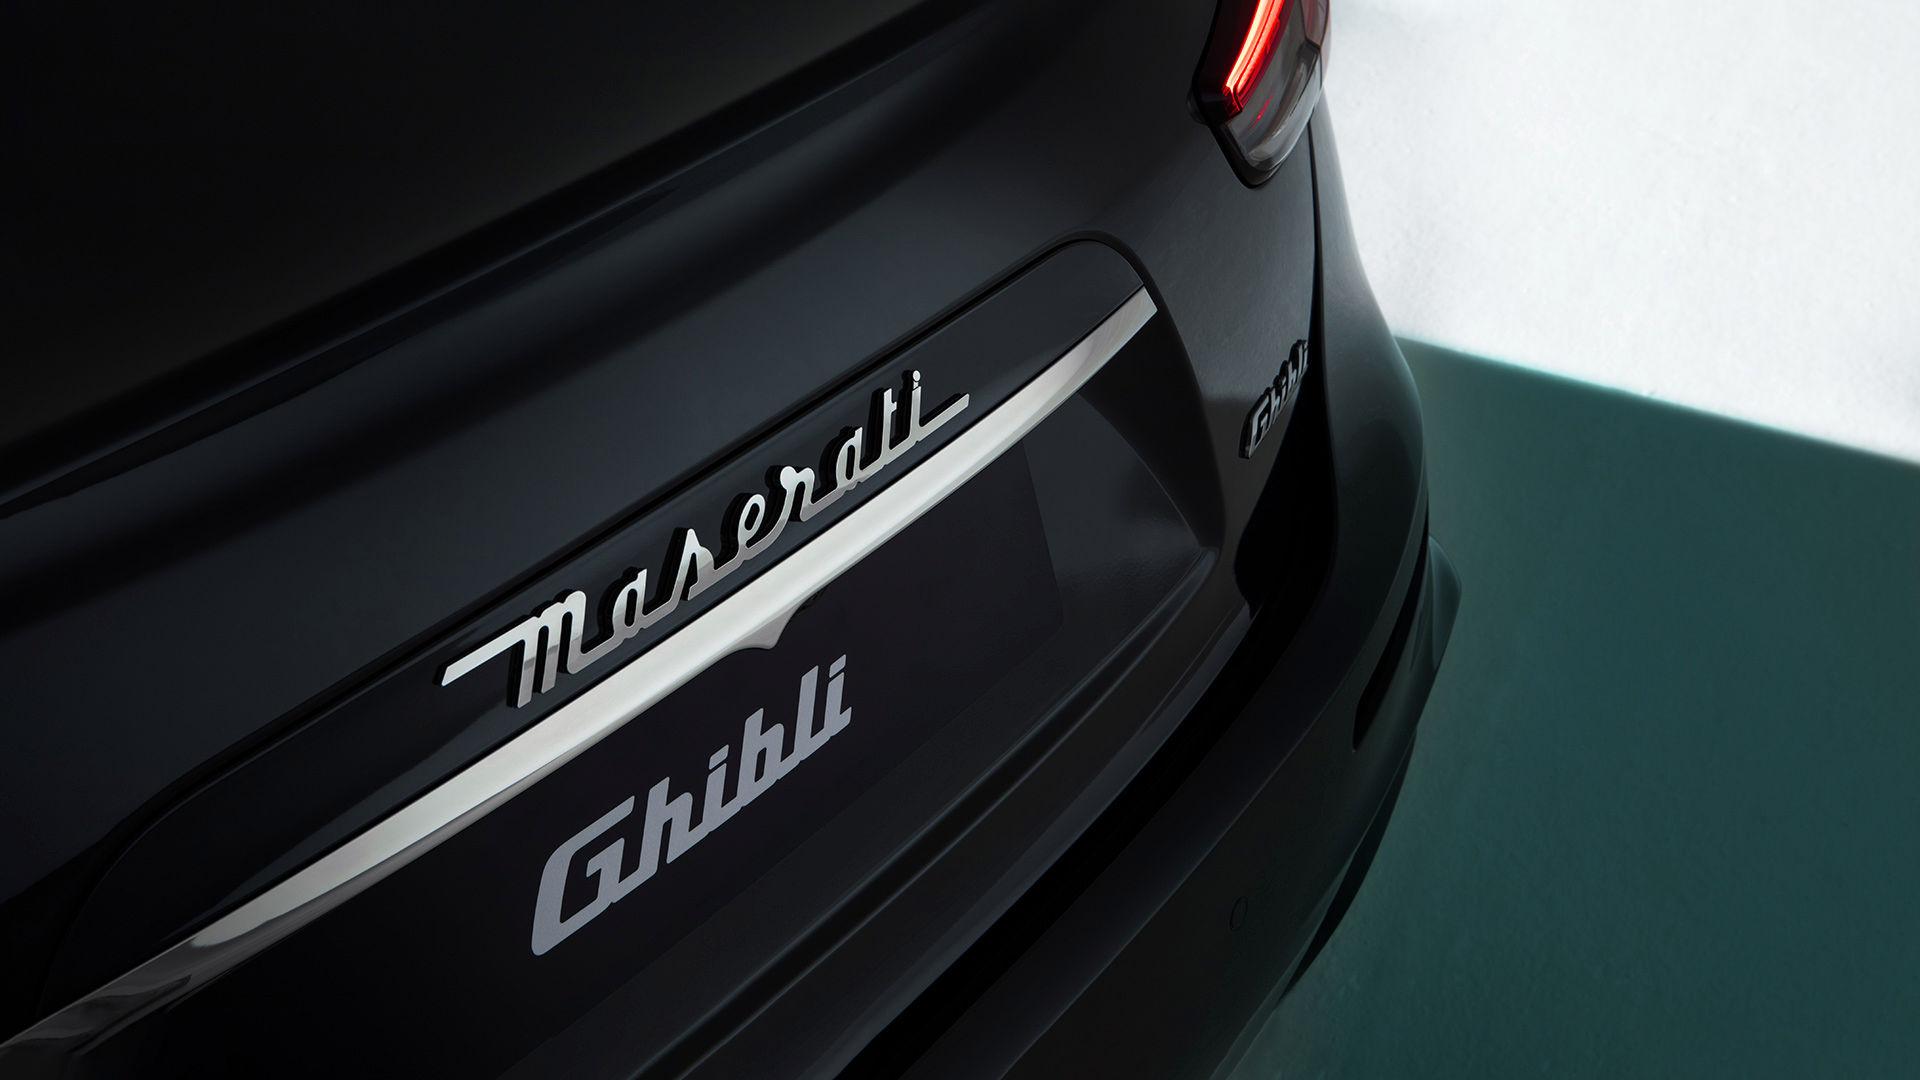 Maserati Ghibli in Schwarz - Detailaufnahme des Abzeichens